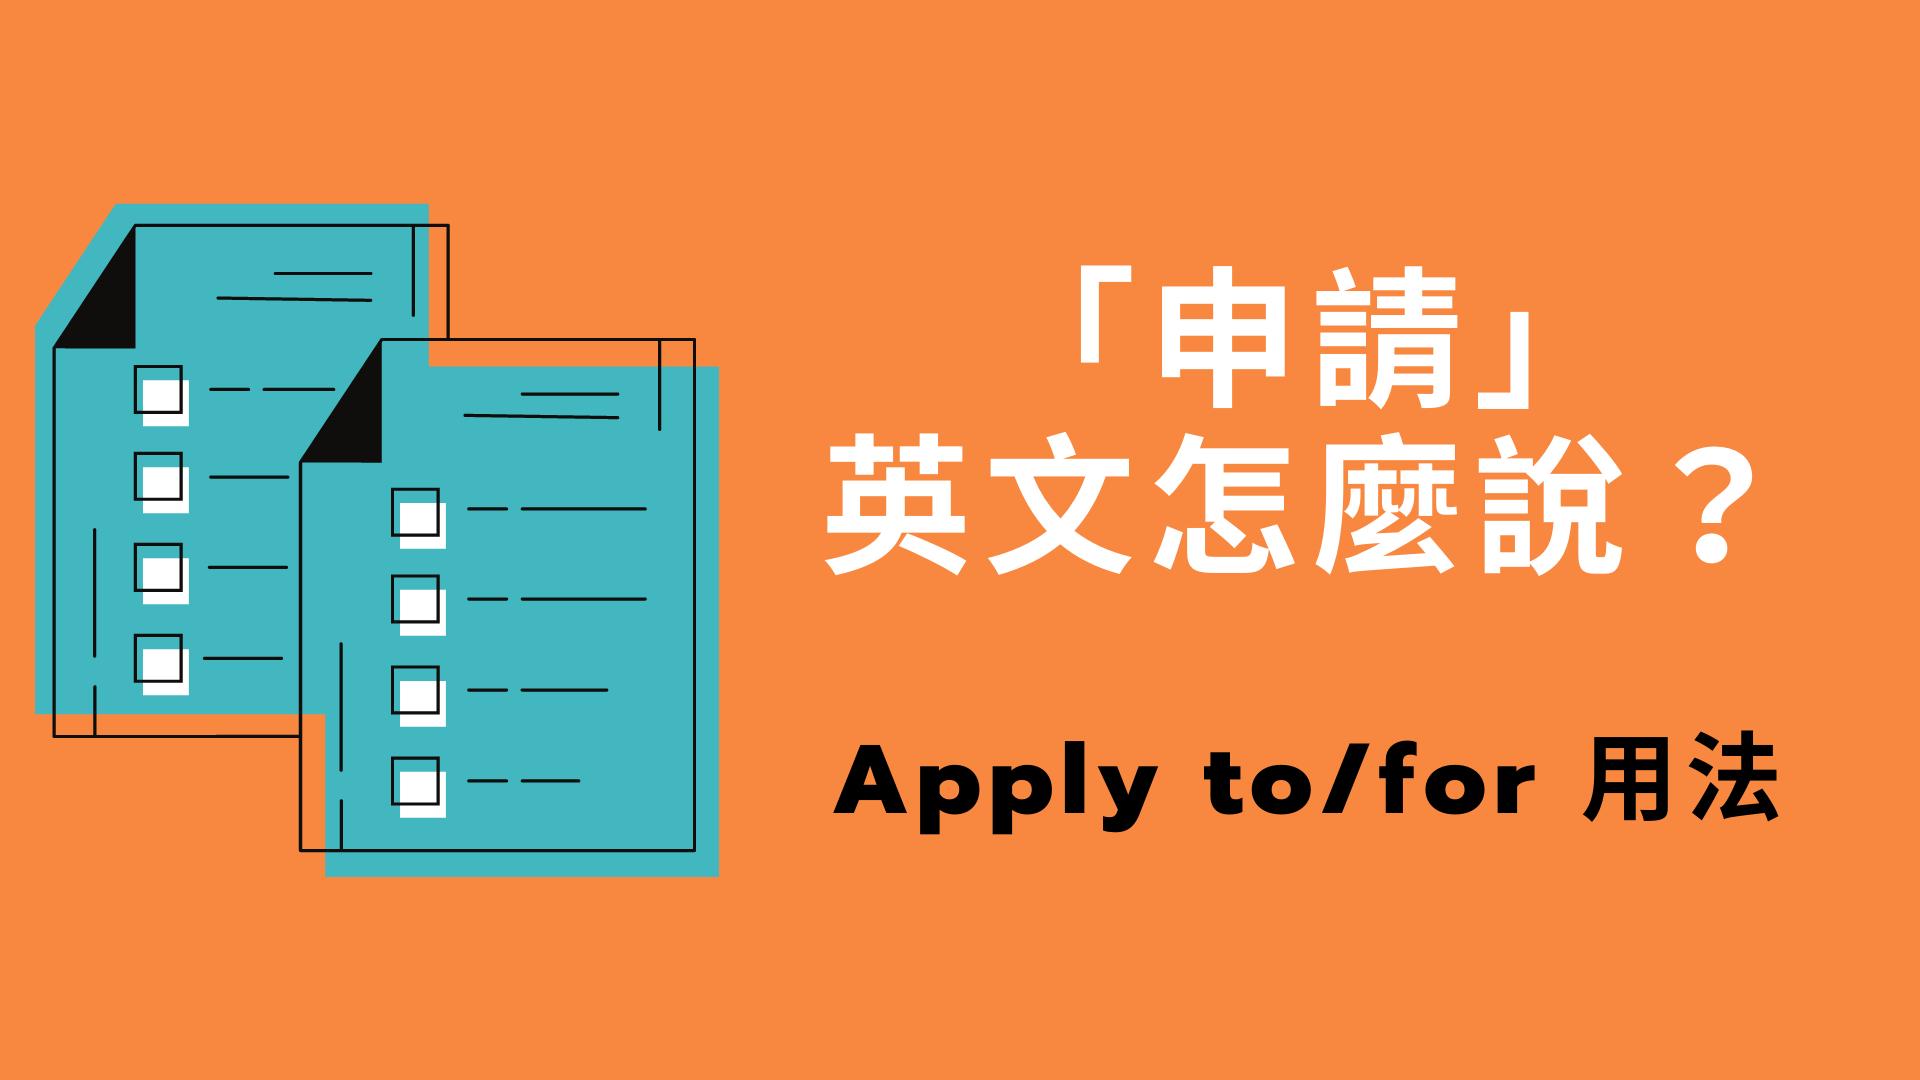 「申請」英文怎麼說?了解英文「apply for/apply to」的中文意思跟用法!